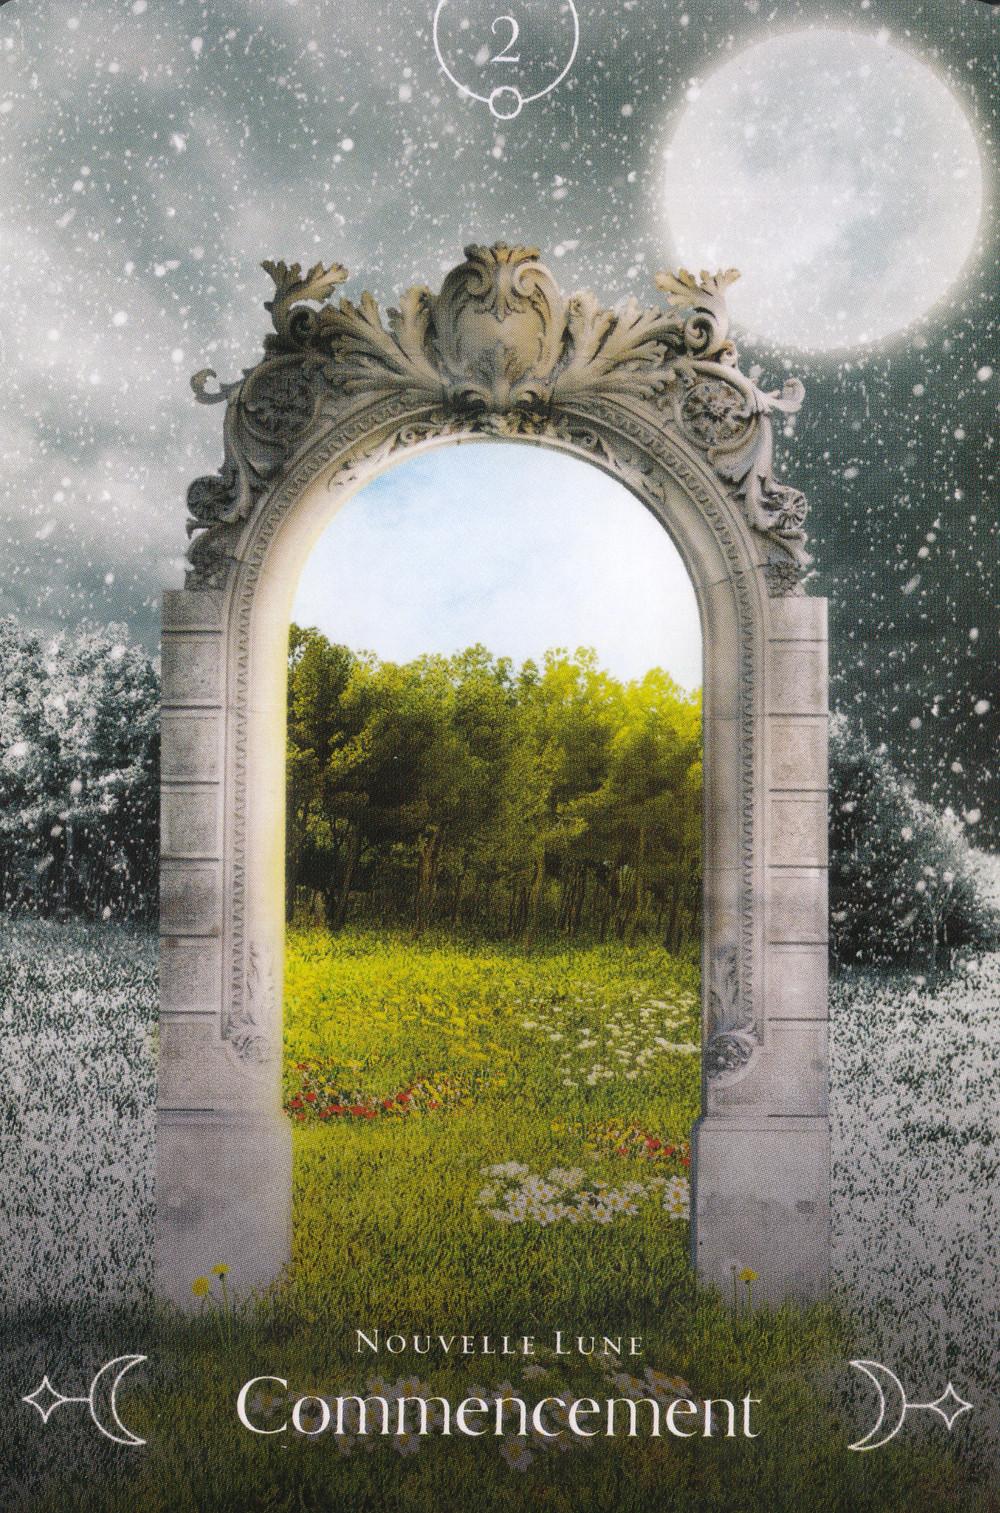 Carte de L'Oracle de la Lune de Stacey Demarco - 2 Commencement - Energies du 22-23-24 mai 2020 (Nouvelle Lune et Portail) : Direction notre Renaissance !